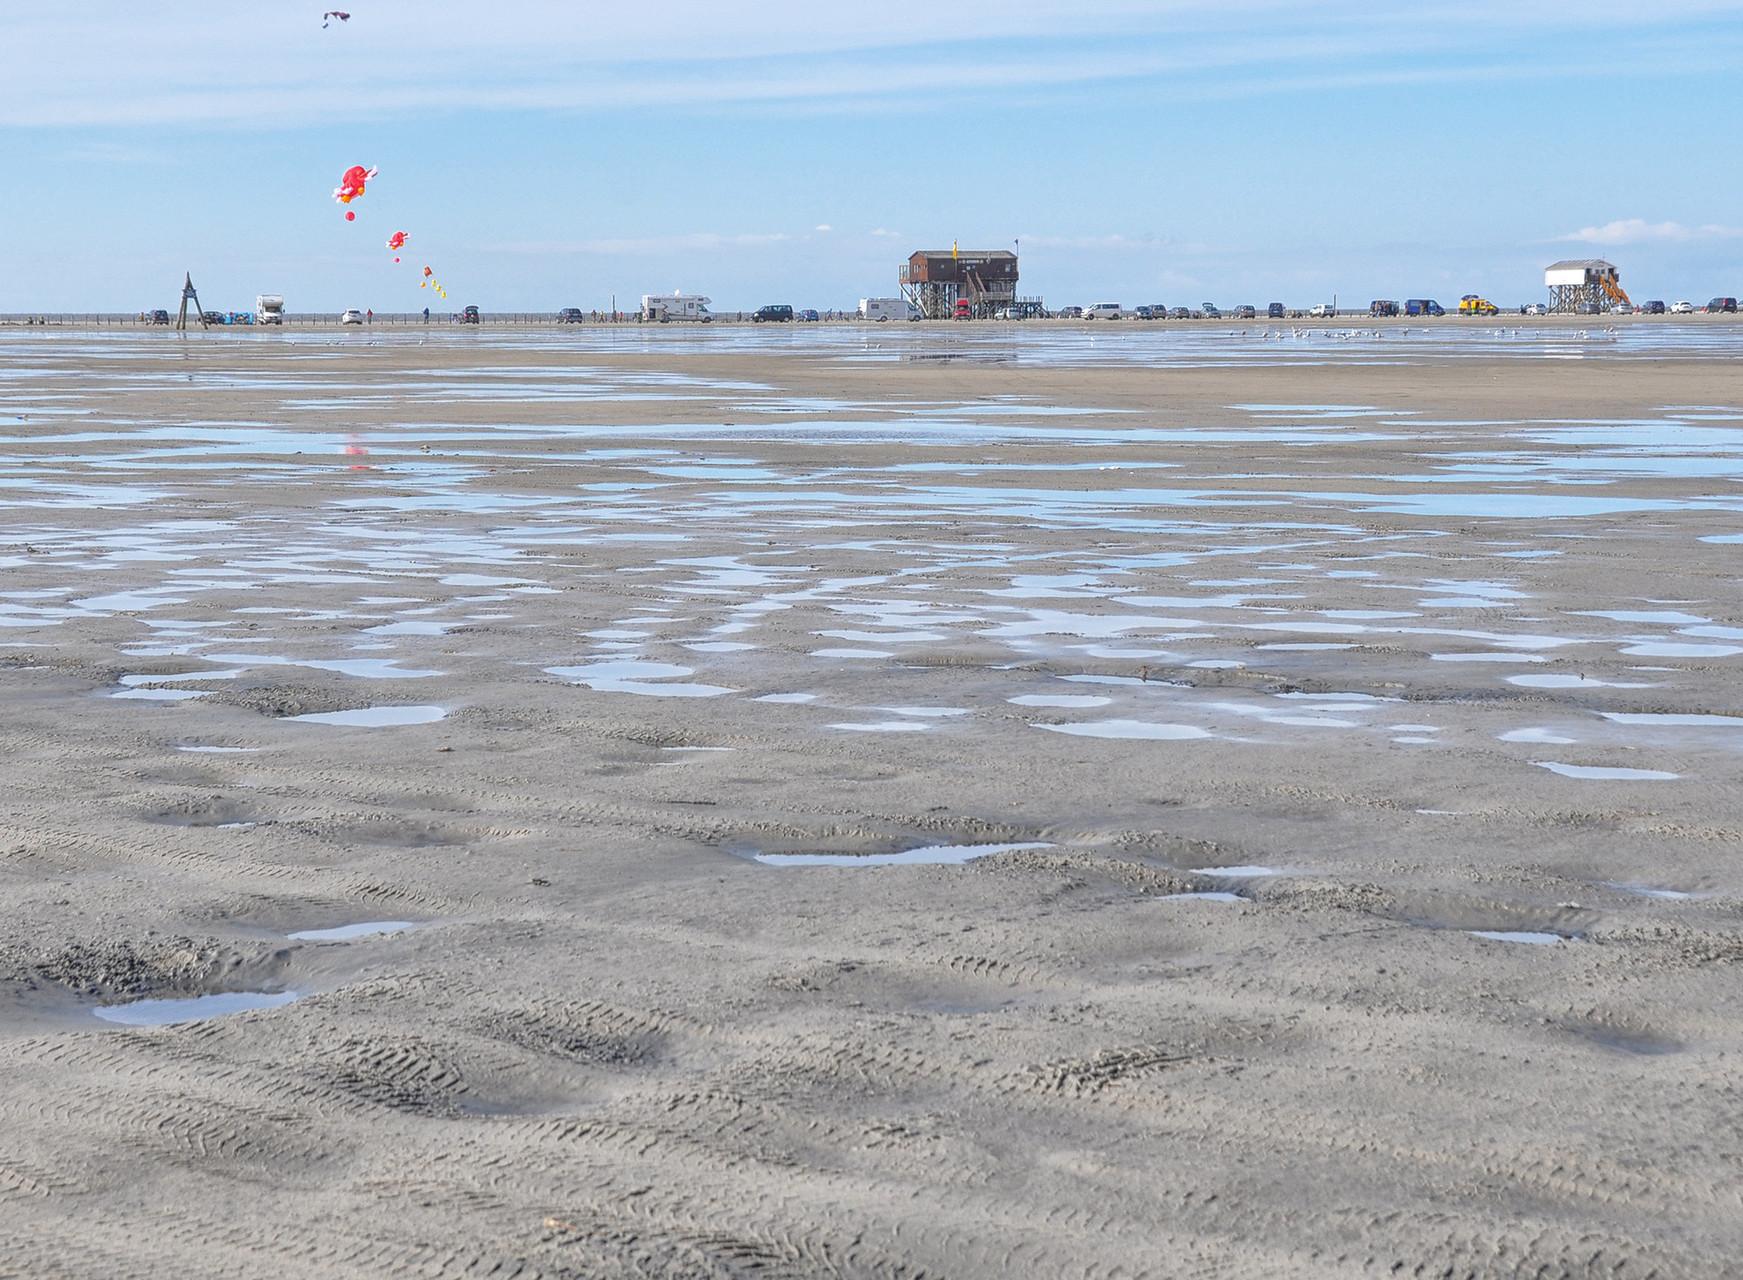 Woher weiß denn eigentlich die Flut, dass sie am Strandbeginn nicht weiter steigen darf ?